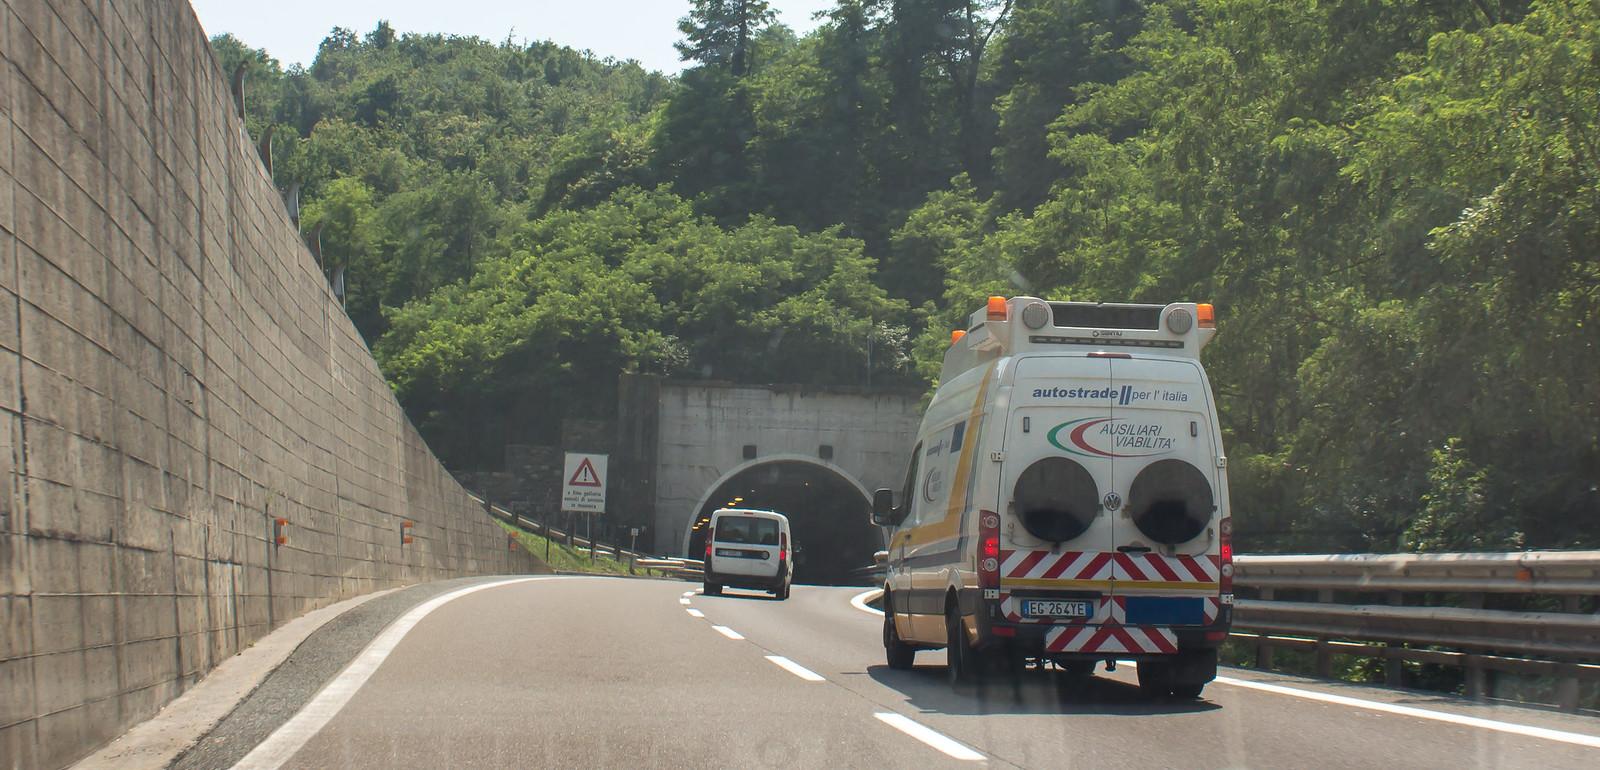 И даже появляются туннели.